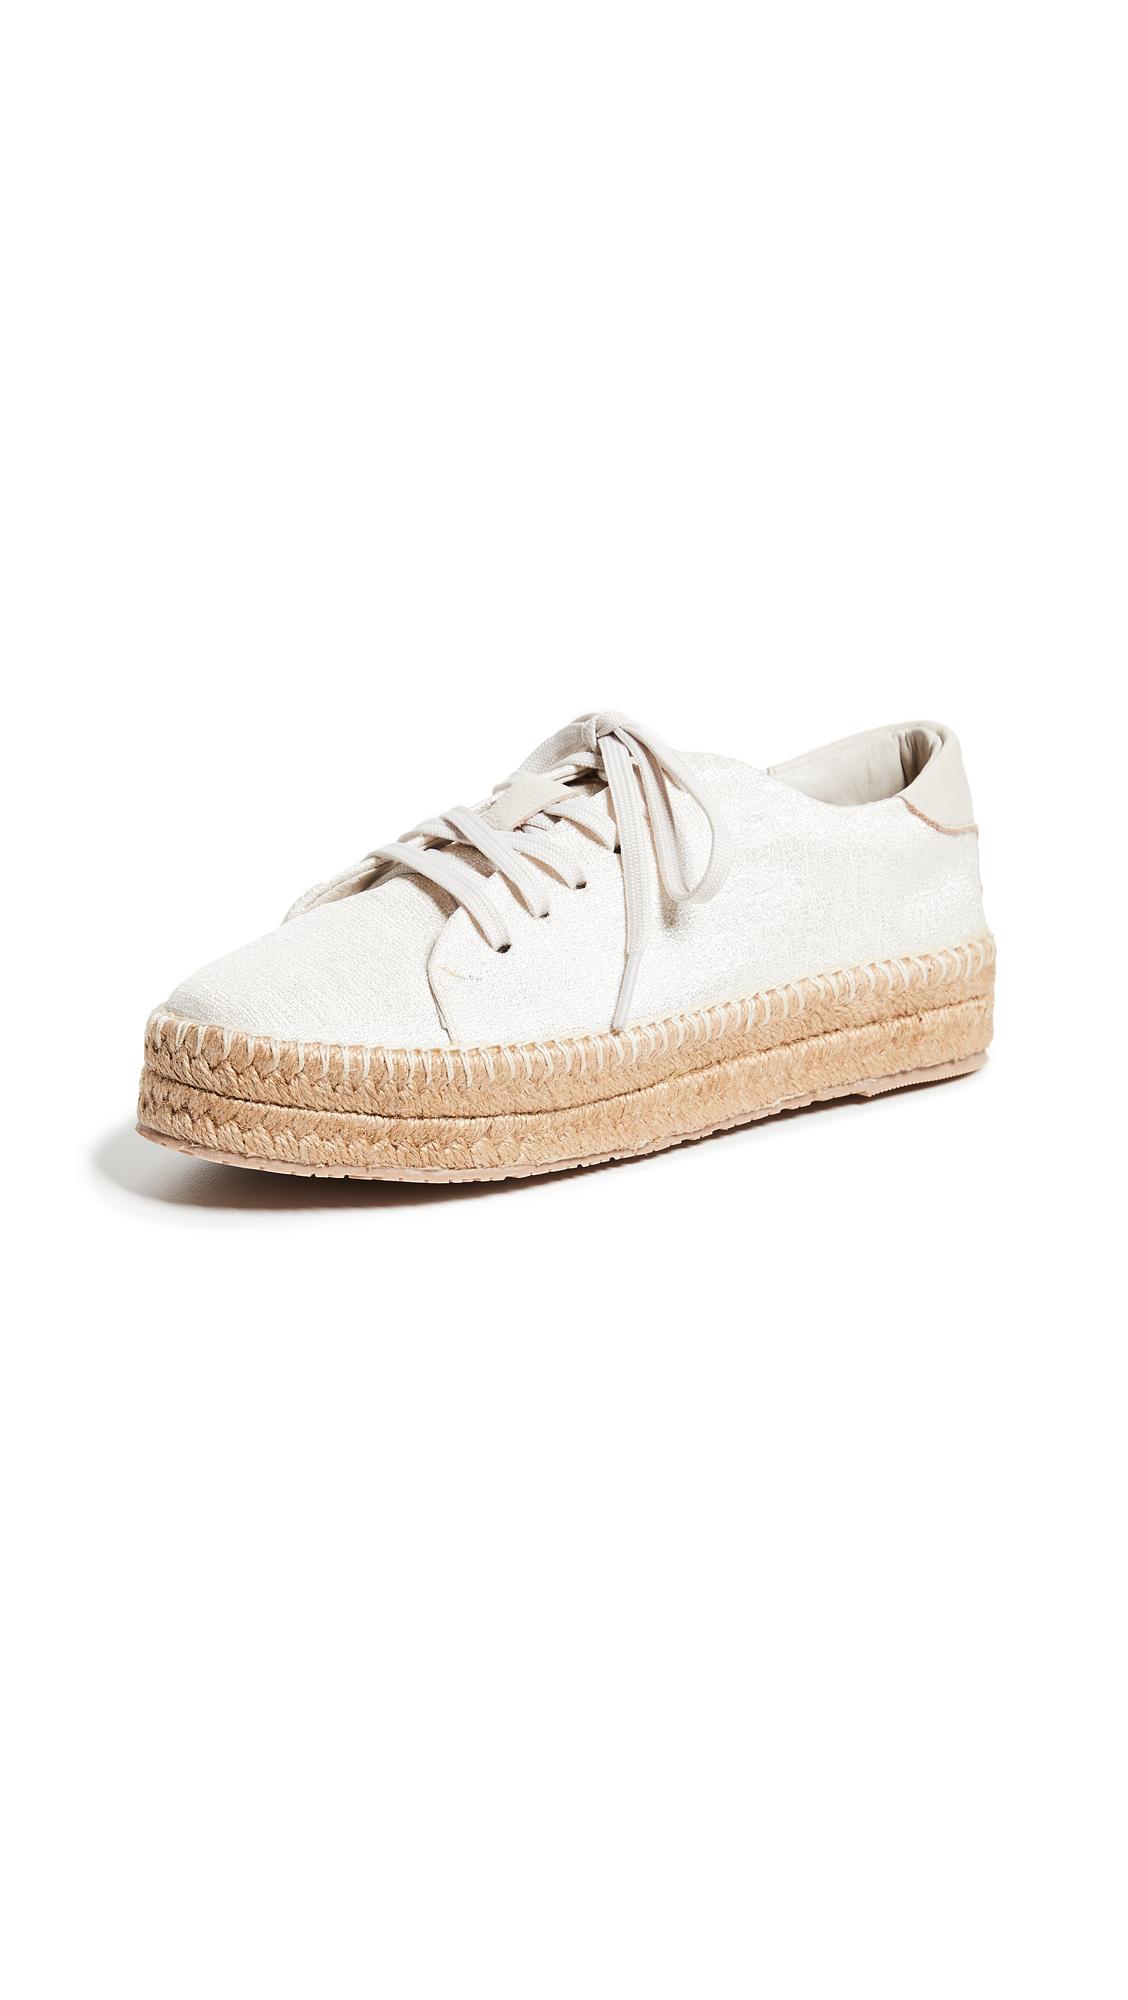 KAANAS Nogales Sneaker Espadrilles - Ivory